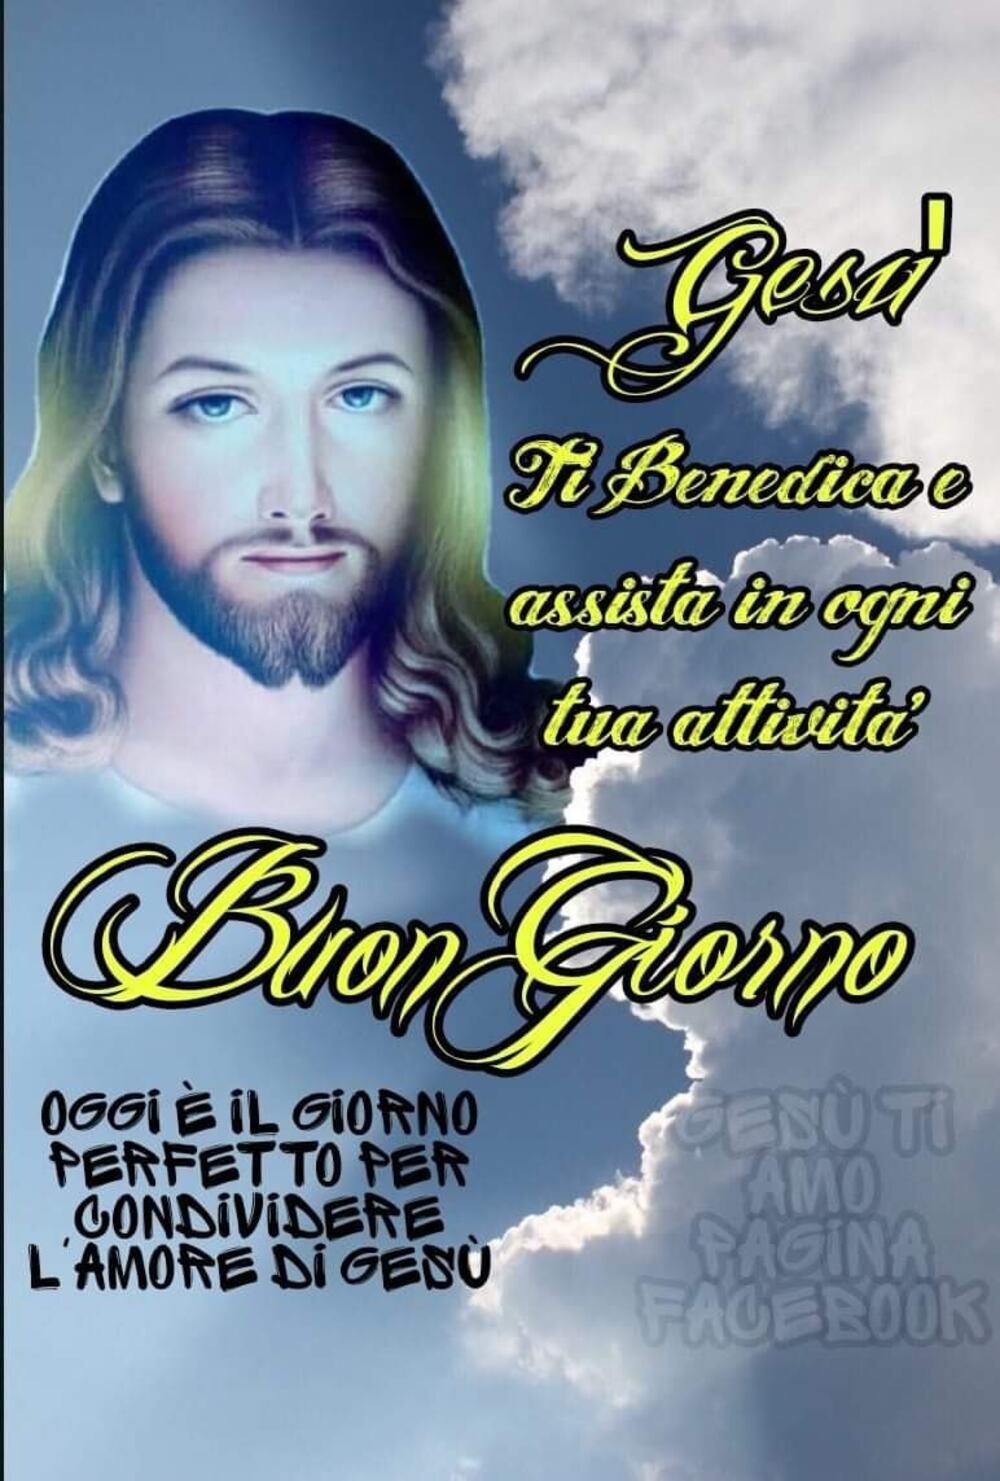 Buona Giornata con Gesù e icone sacre 3